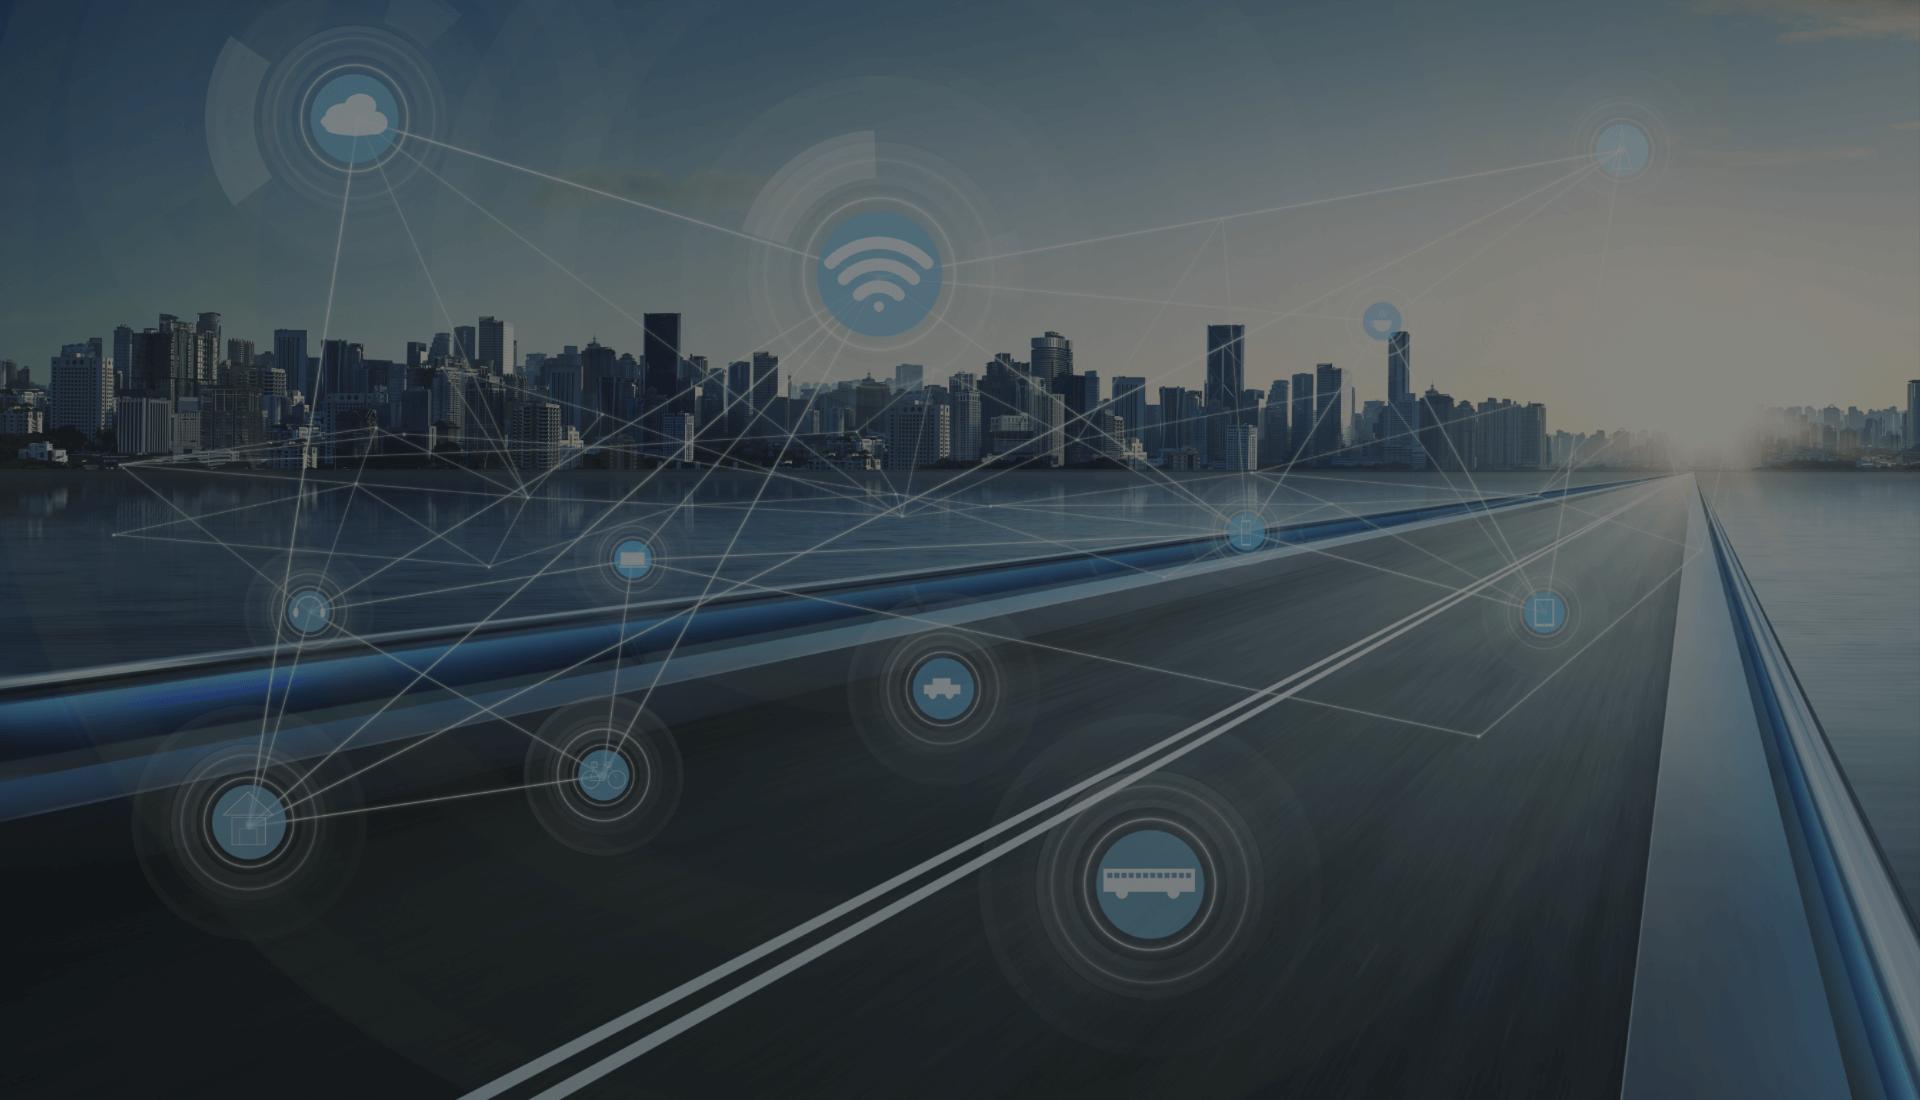 Soluciones de IoT para flotas